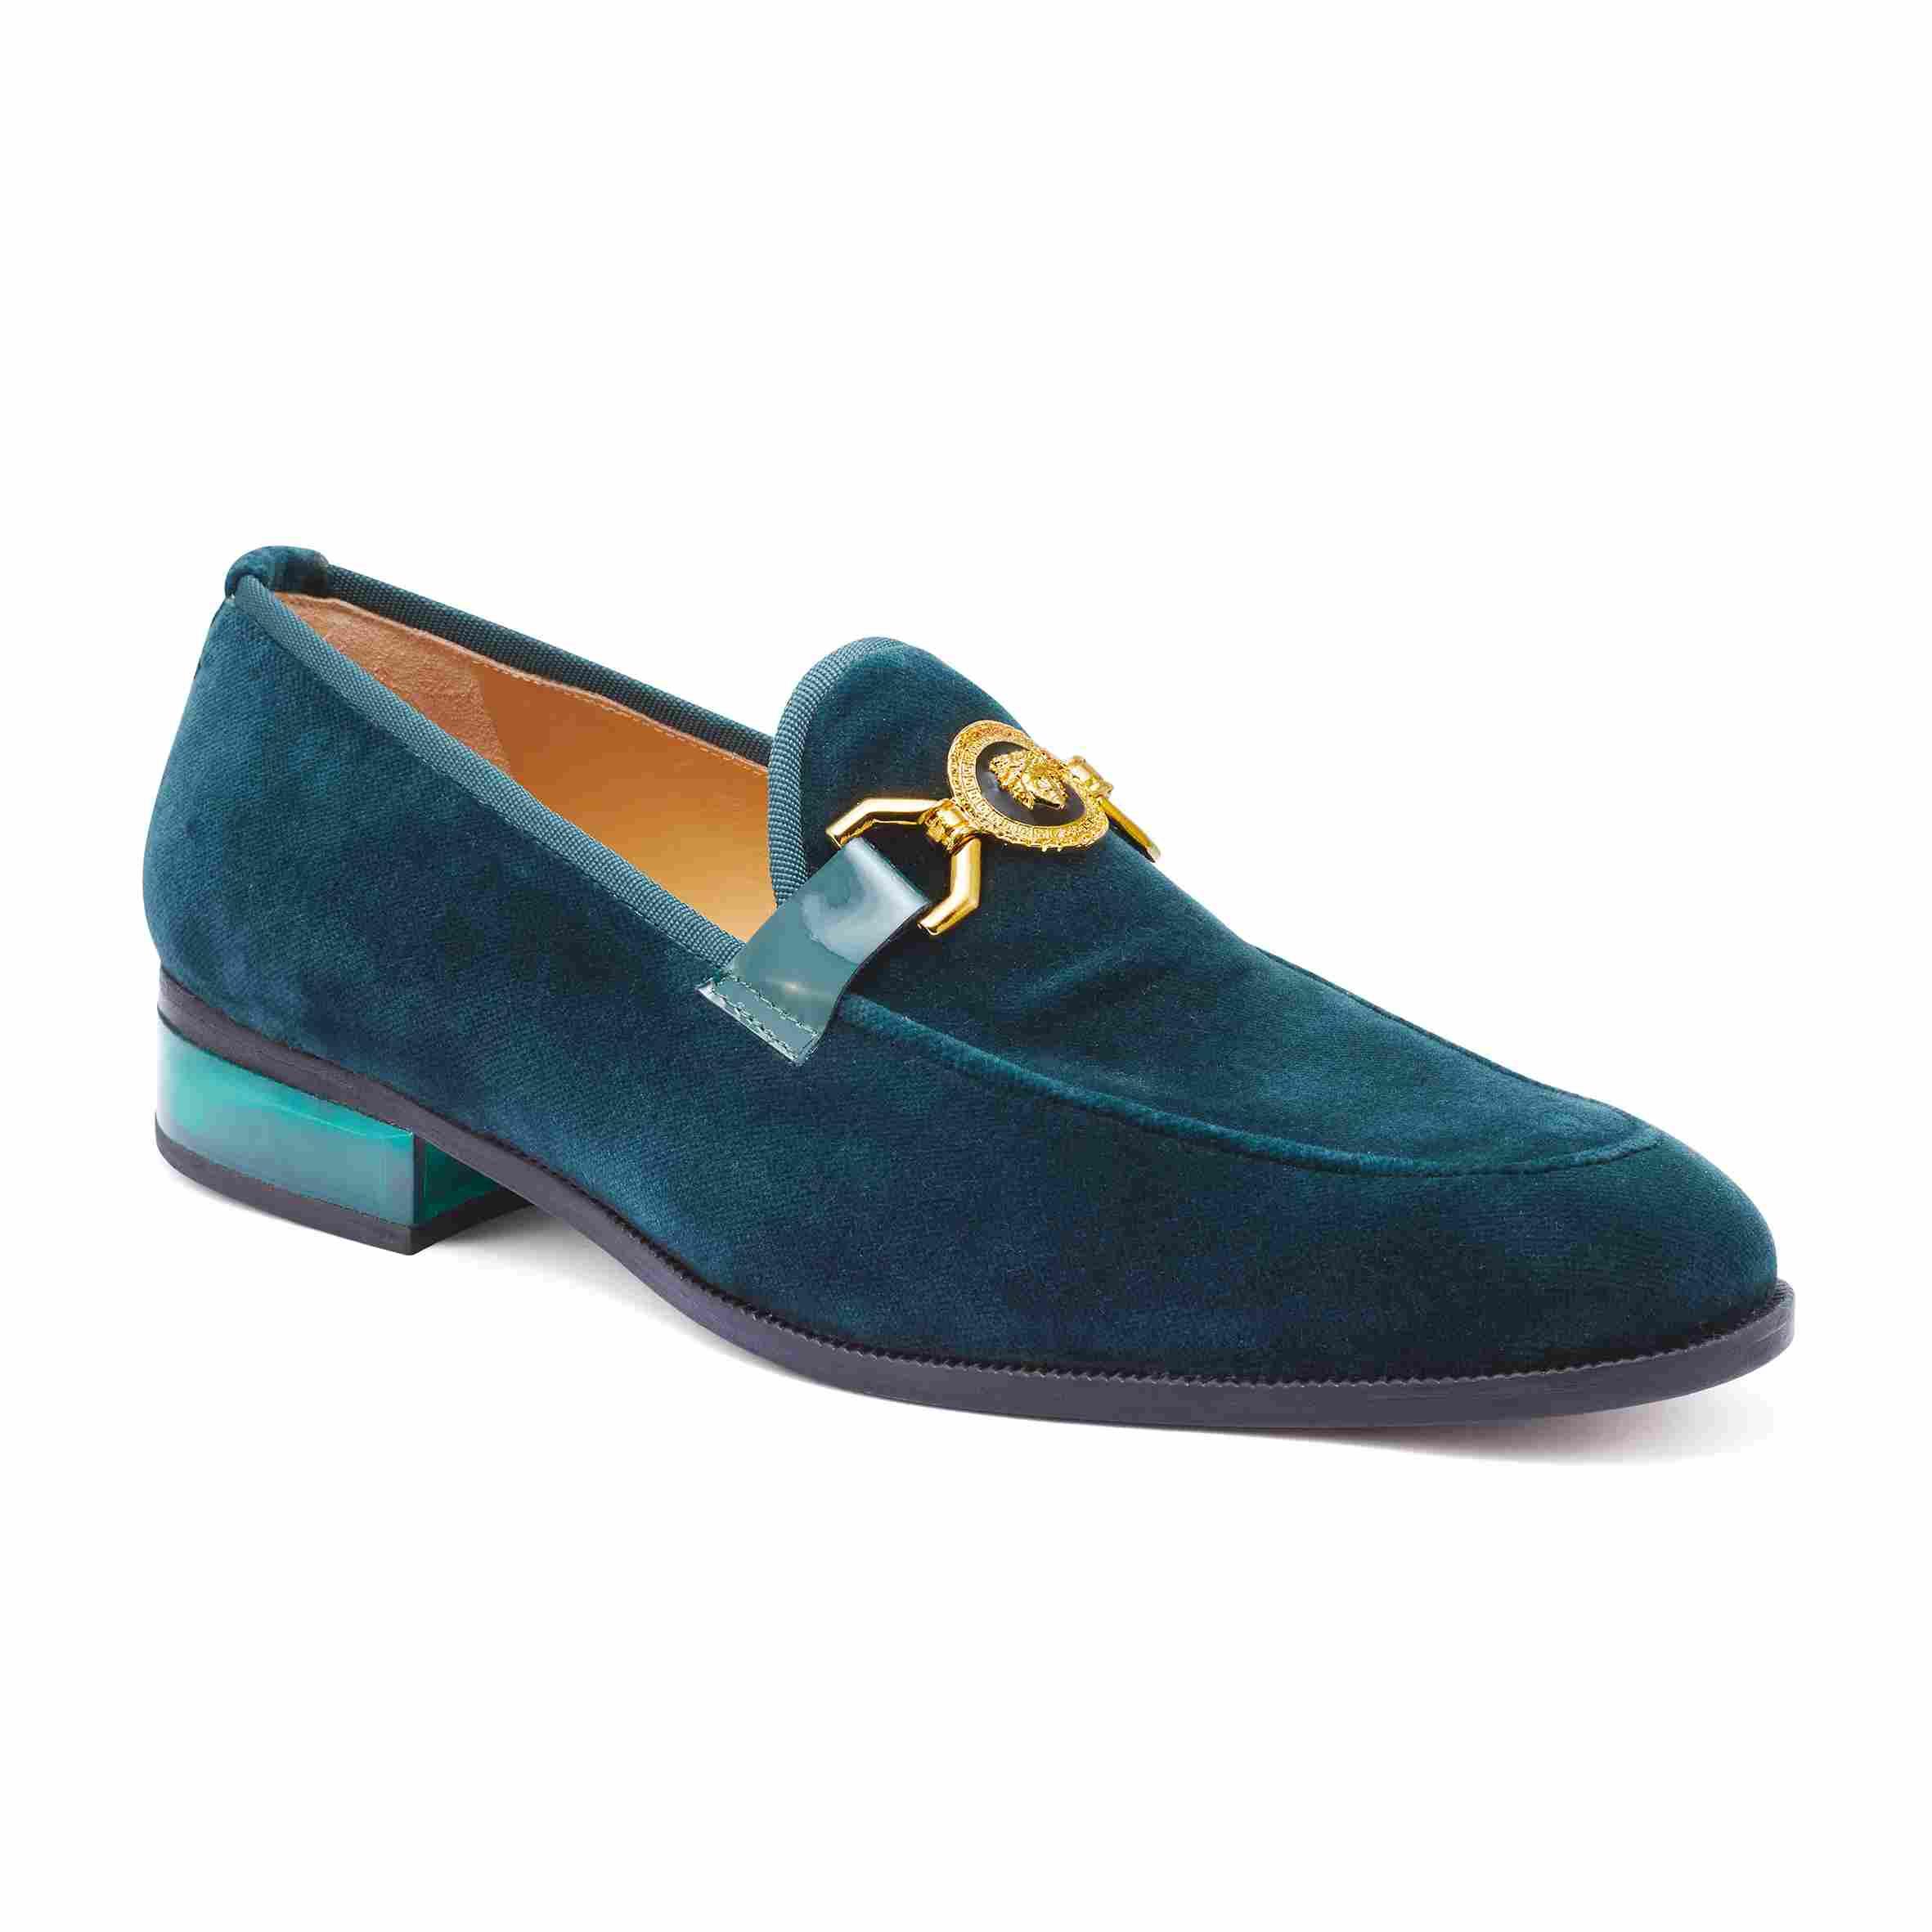 2020 Fall Mauri Floss Velvet Slip On Shoe 4940